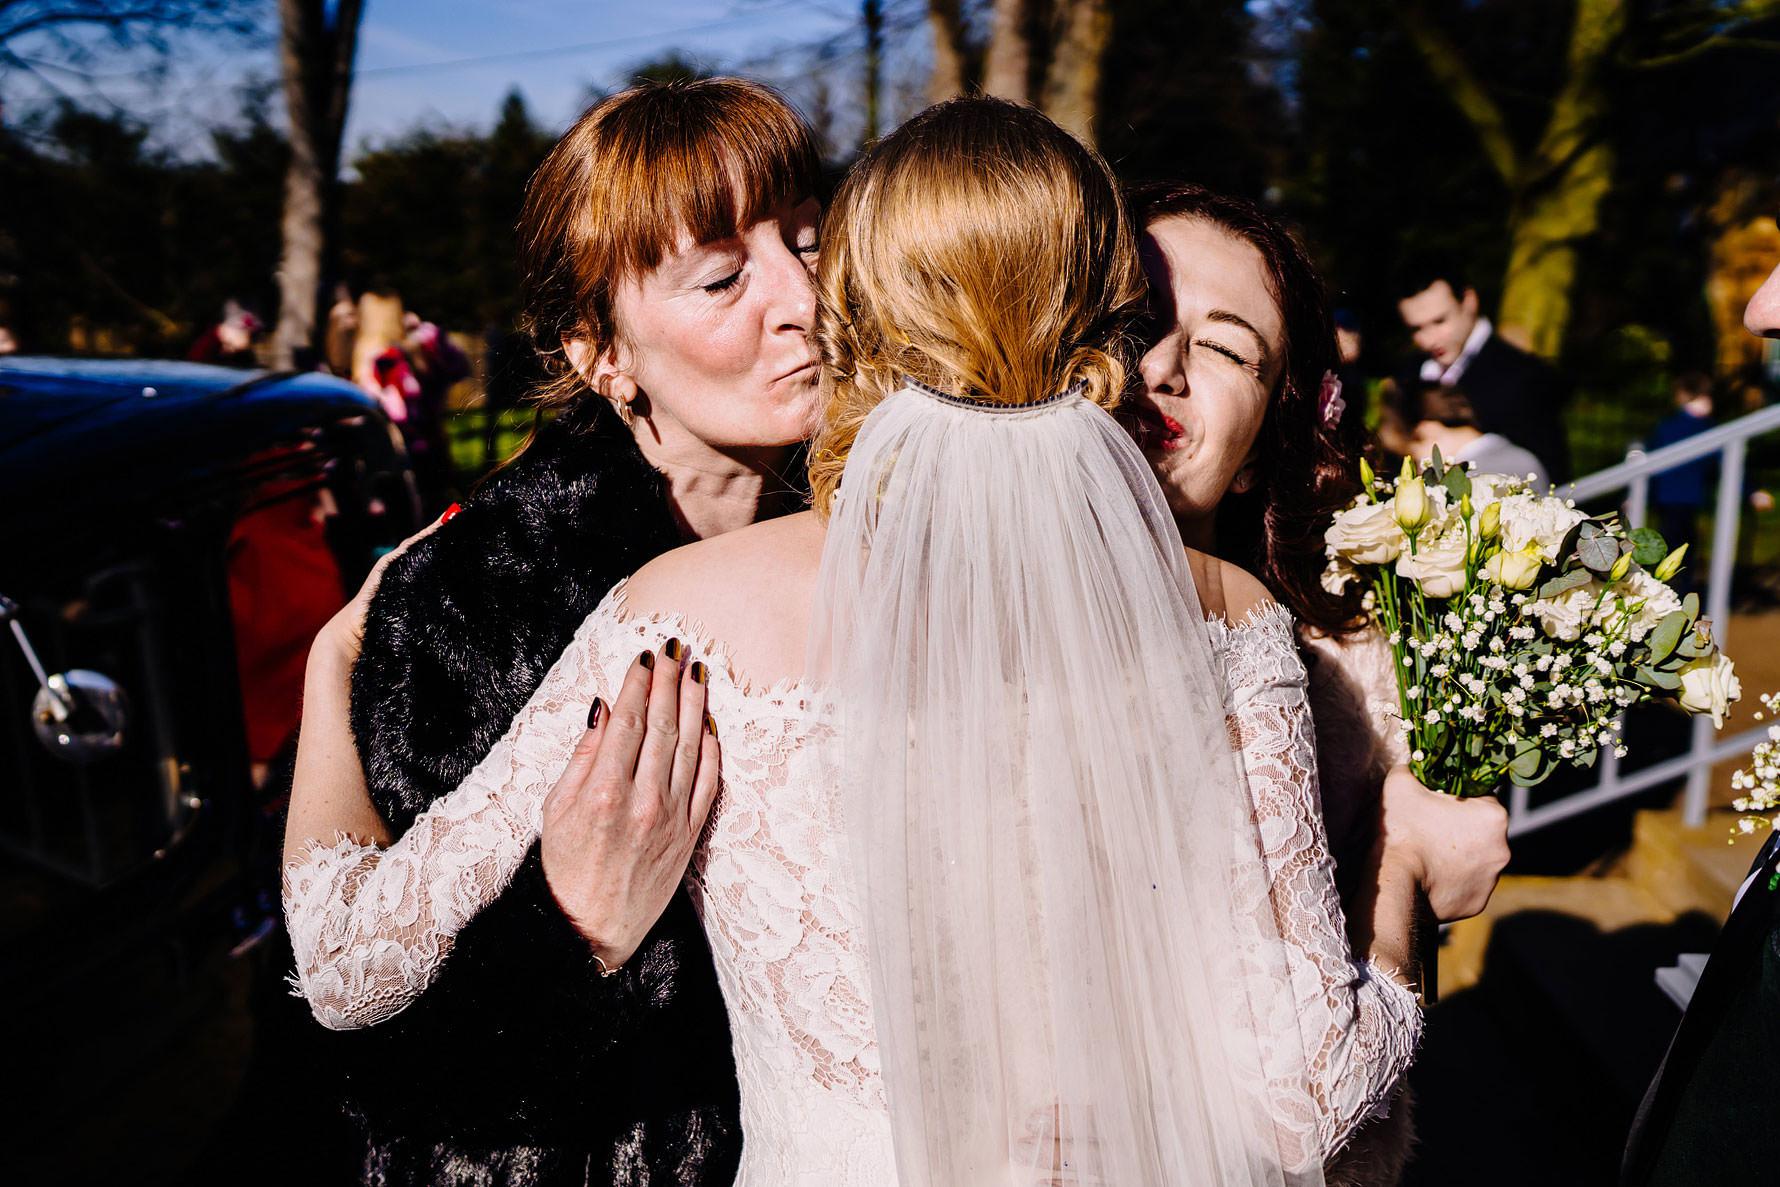 a bride is congratulated